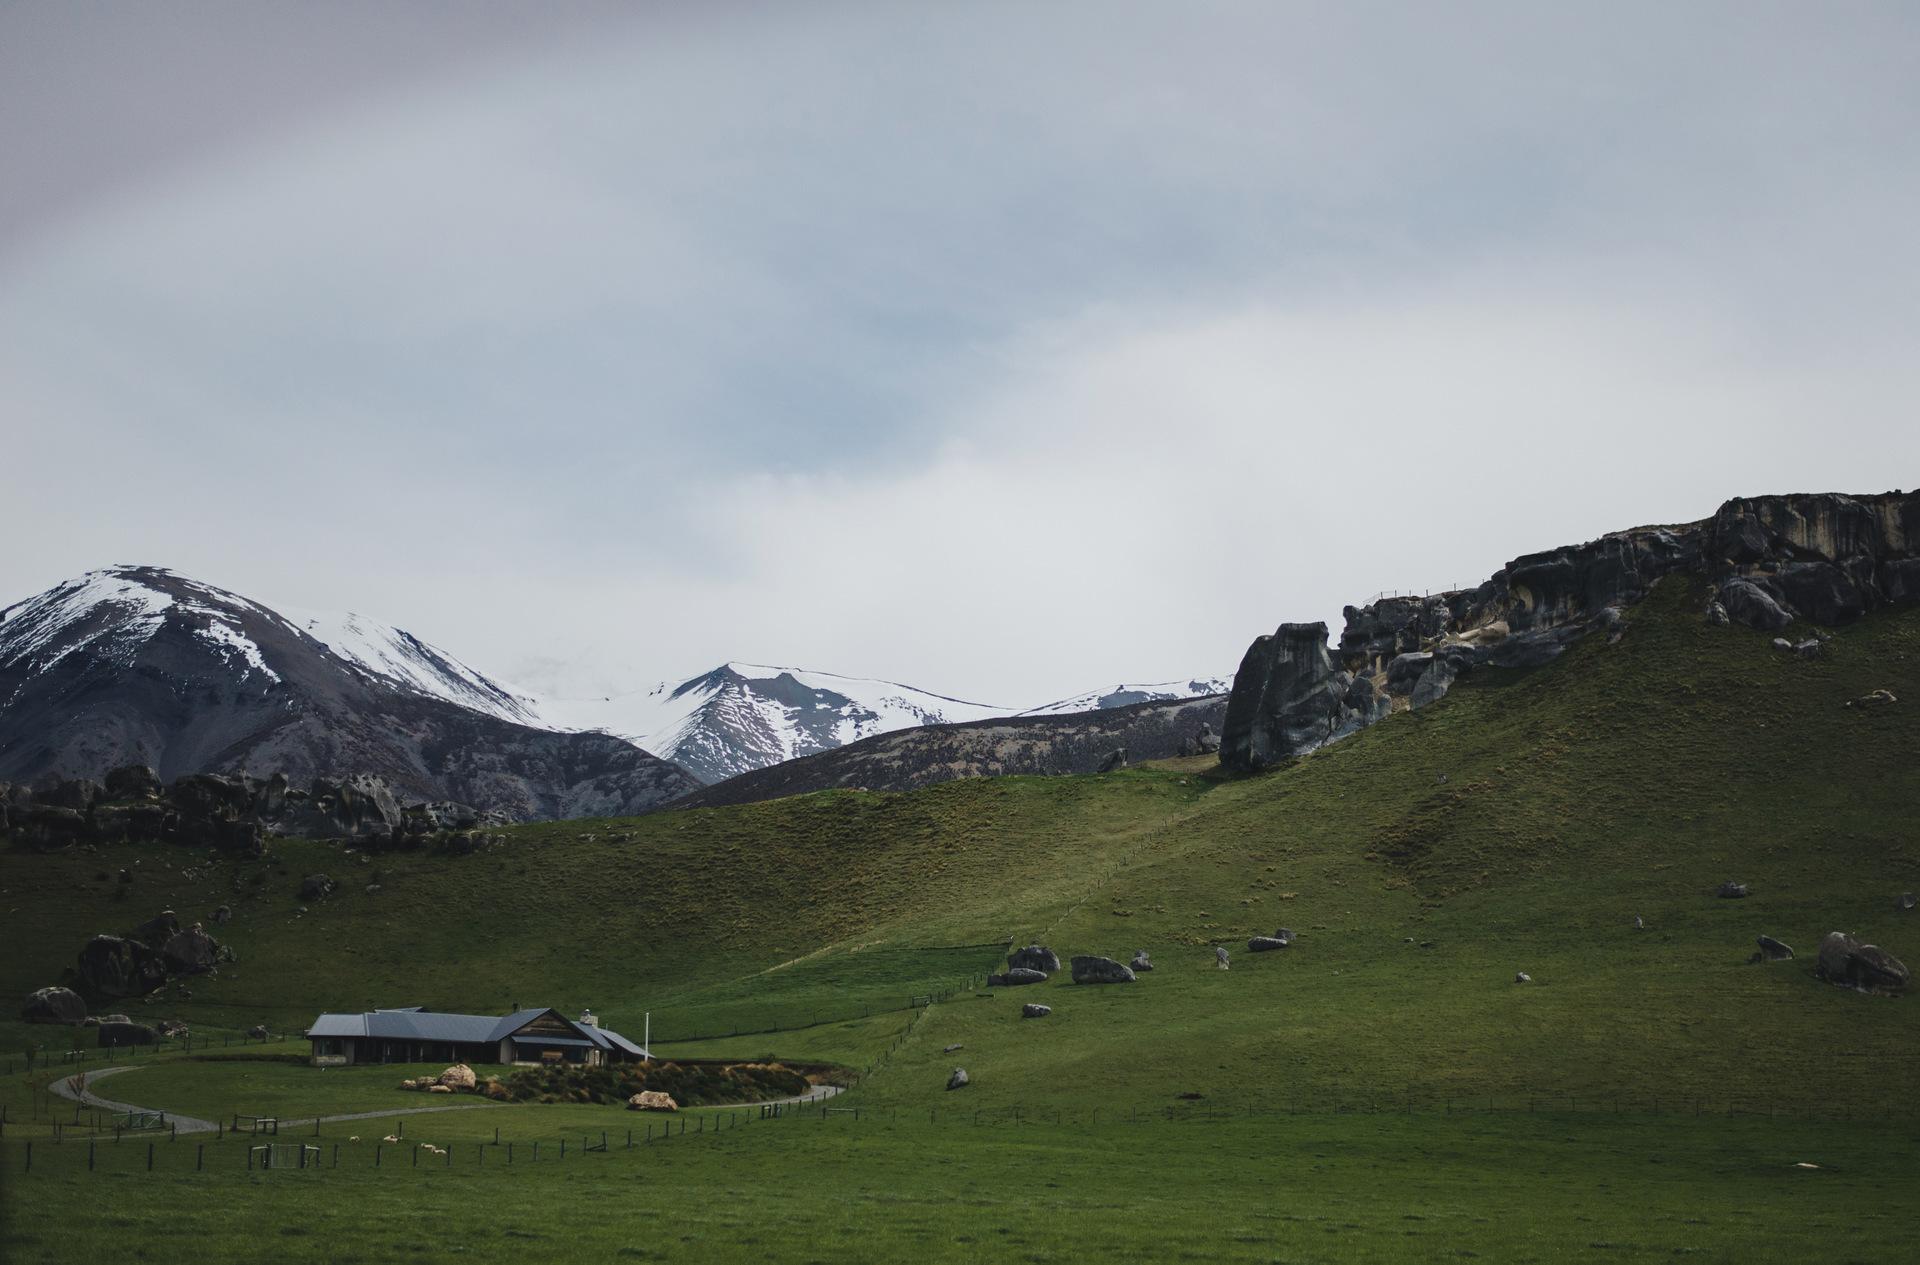 alpy południowe nowa zelandia